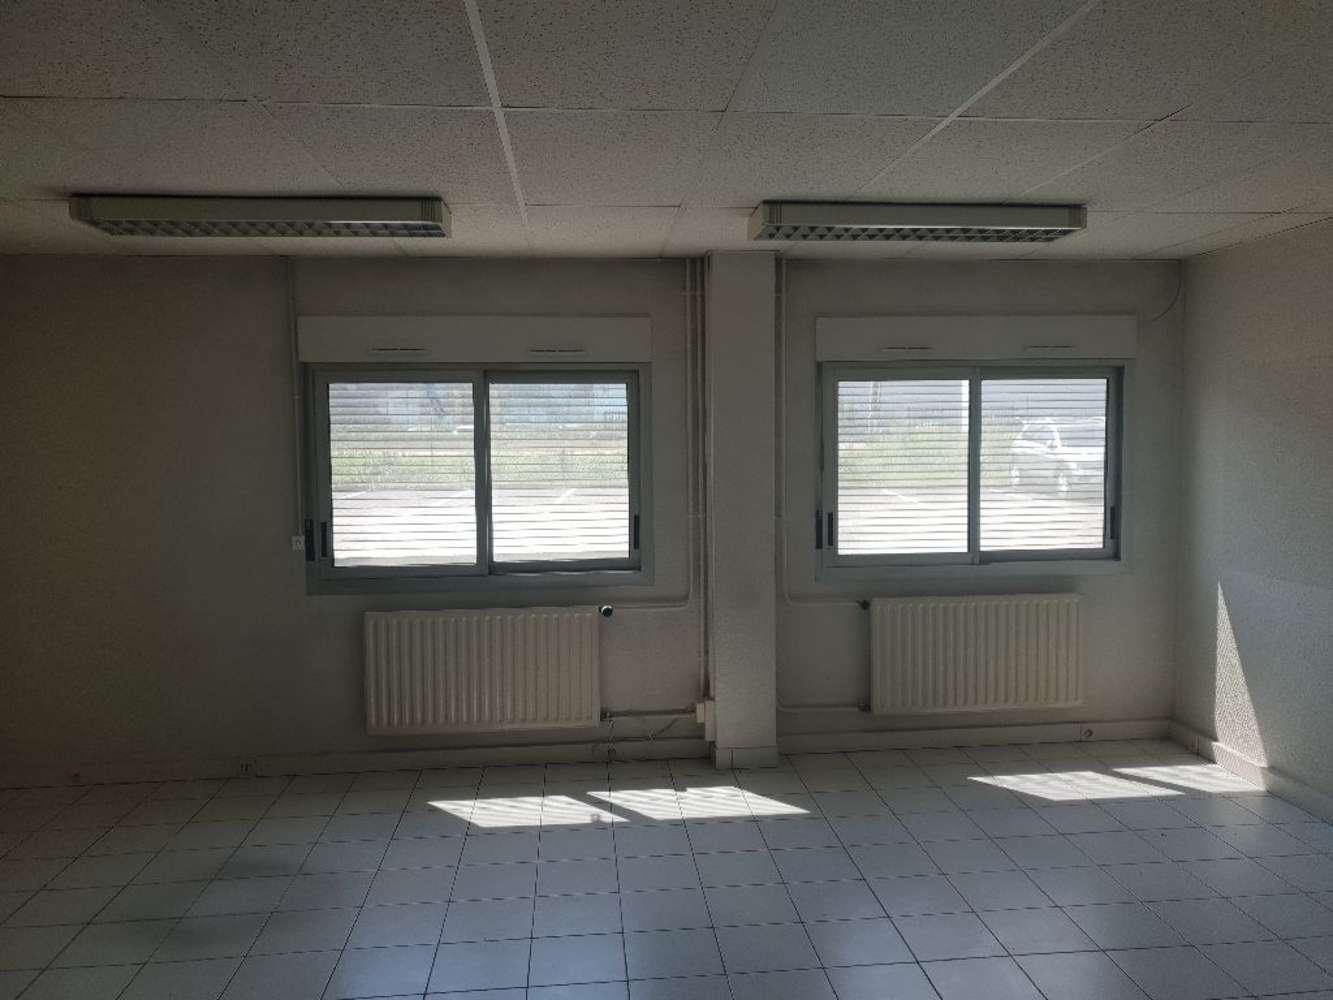 Activités/entrepôt Miribel, 01700 - 300 ROUTE DE STRASBOURG - 10526012